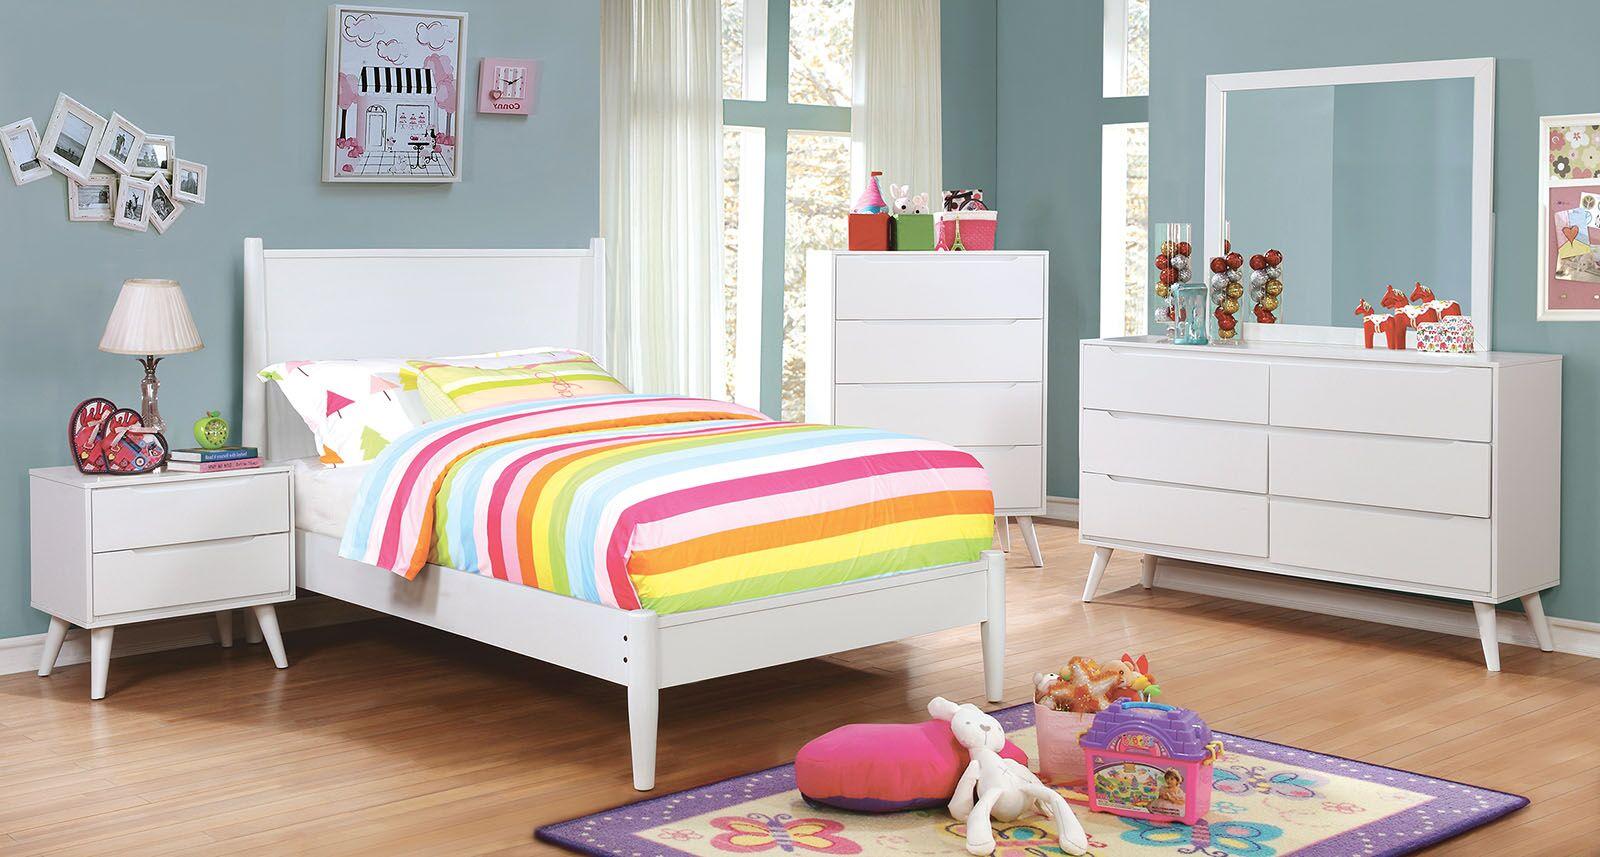 Eckles Platform Bed Size: King, Color: White